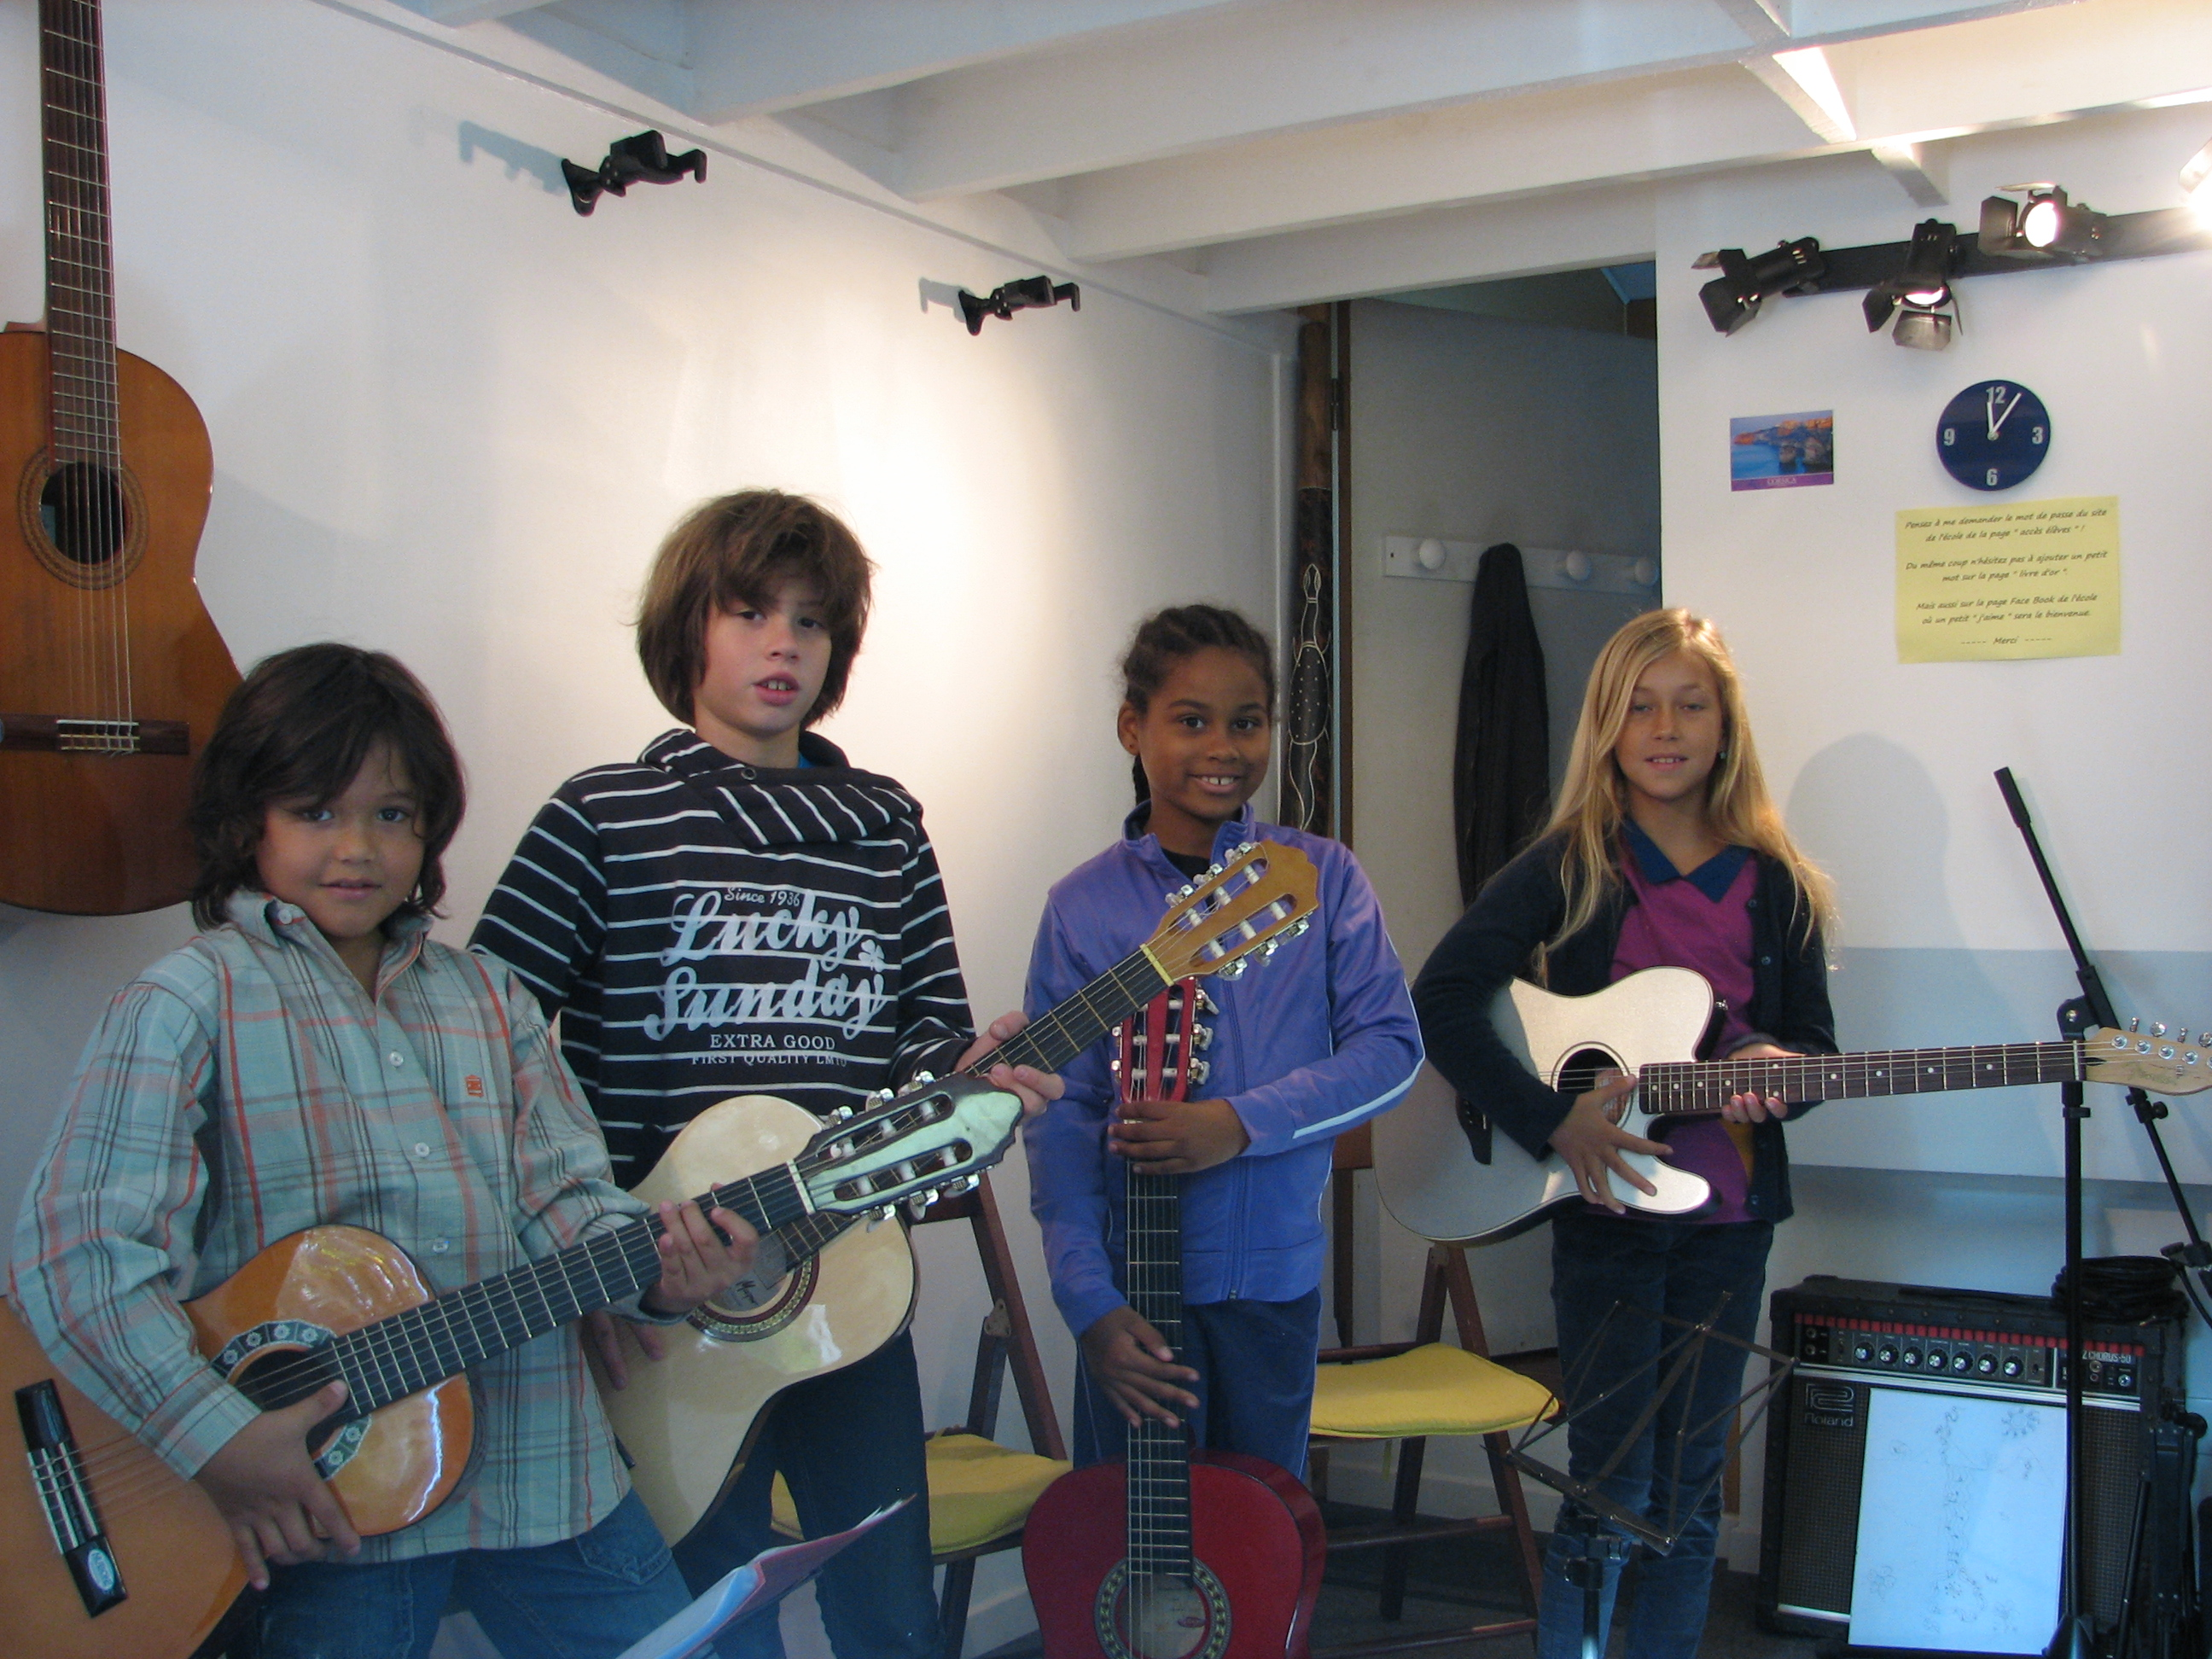 Tao, Maxime, Océane et Fanny